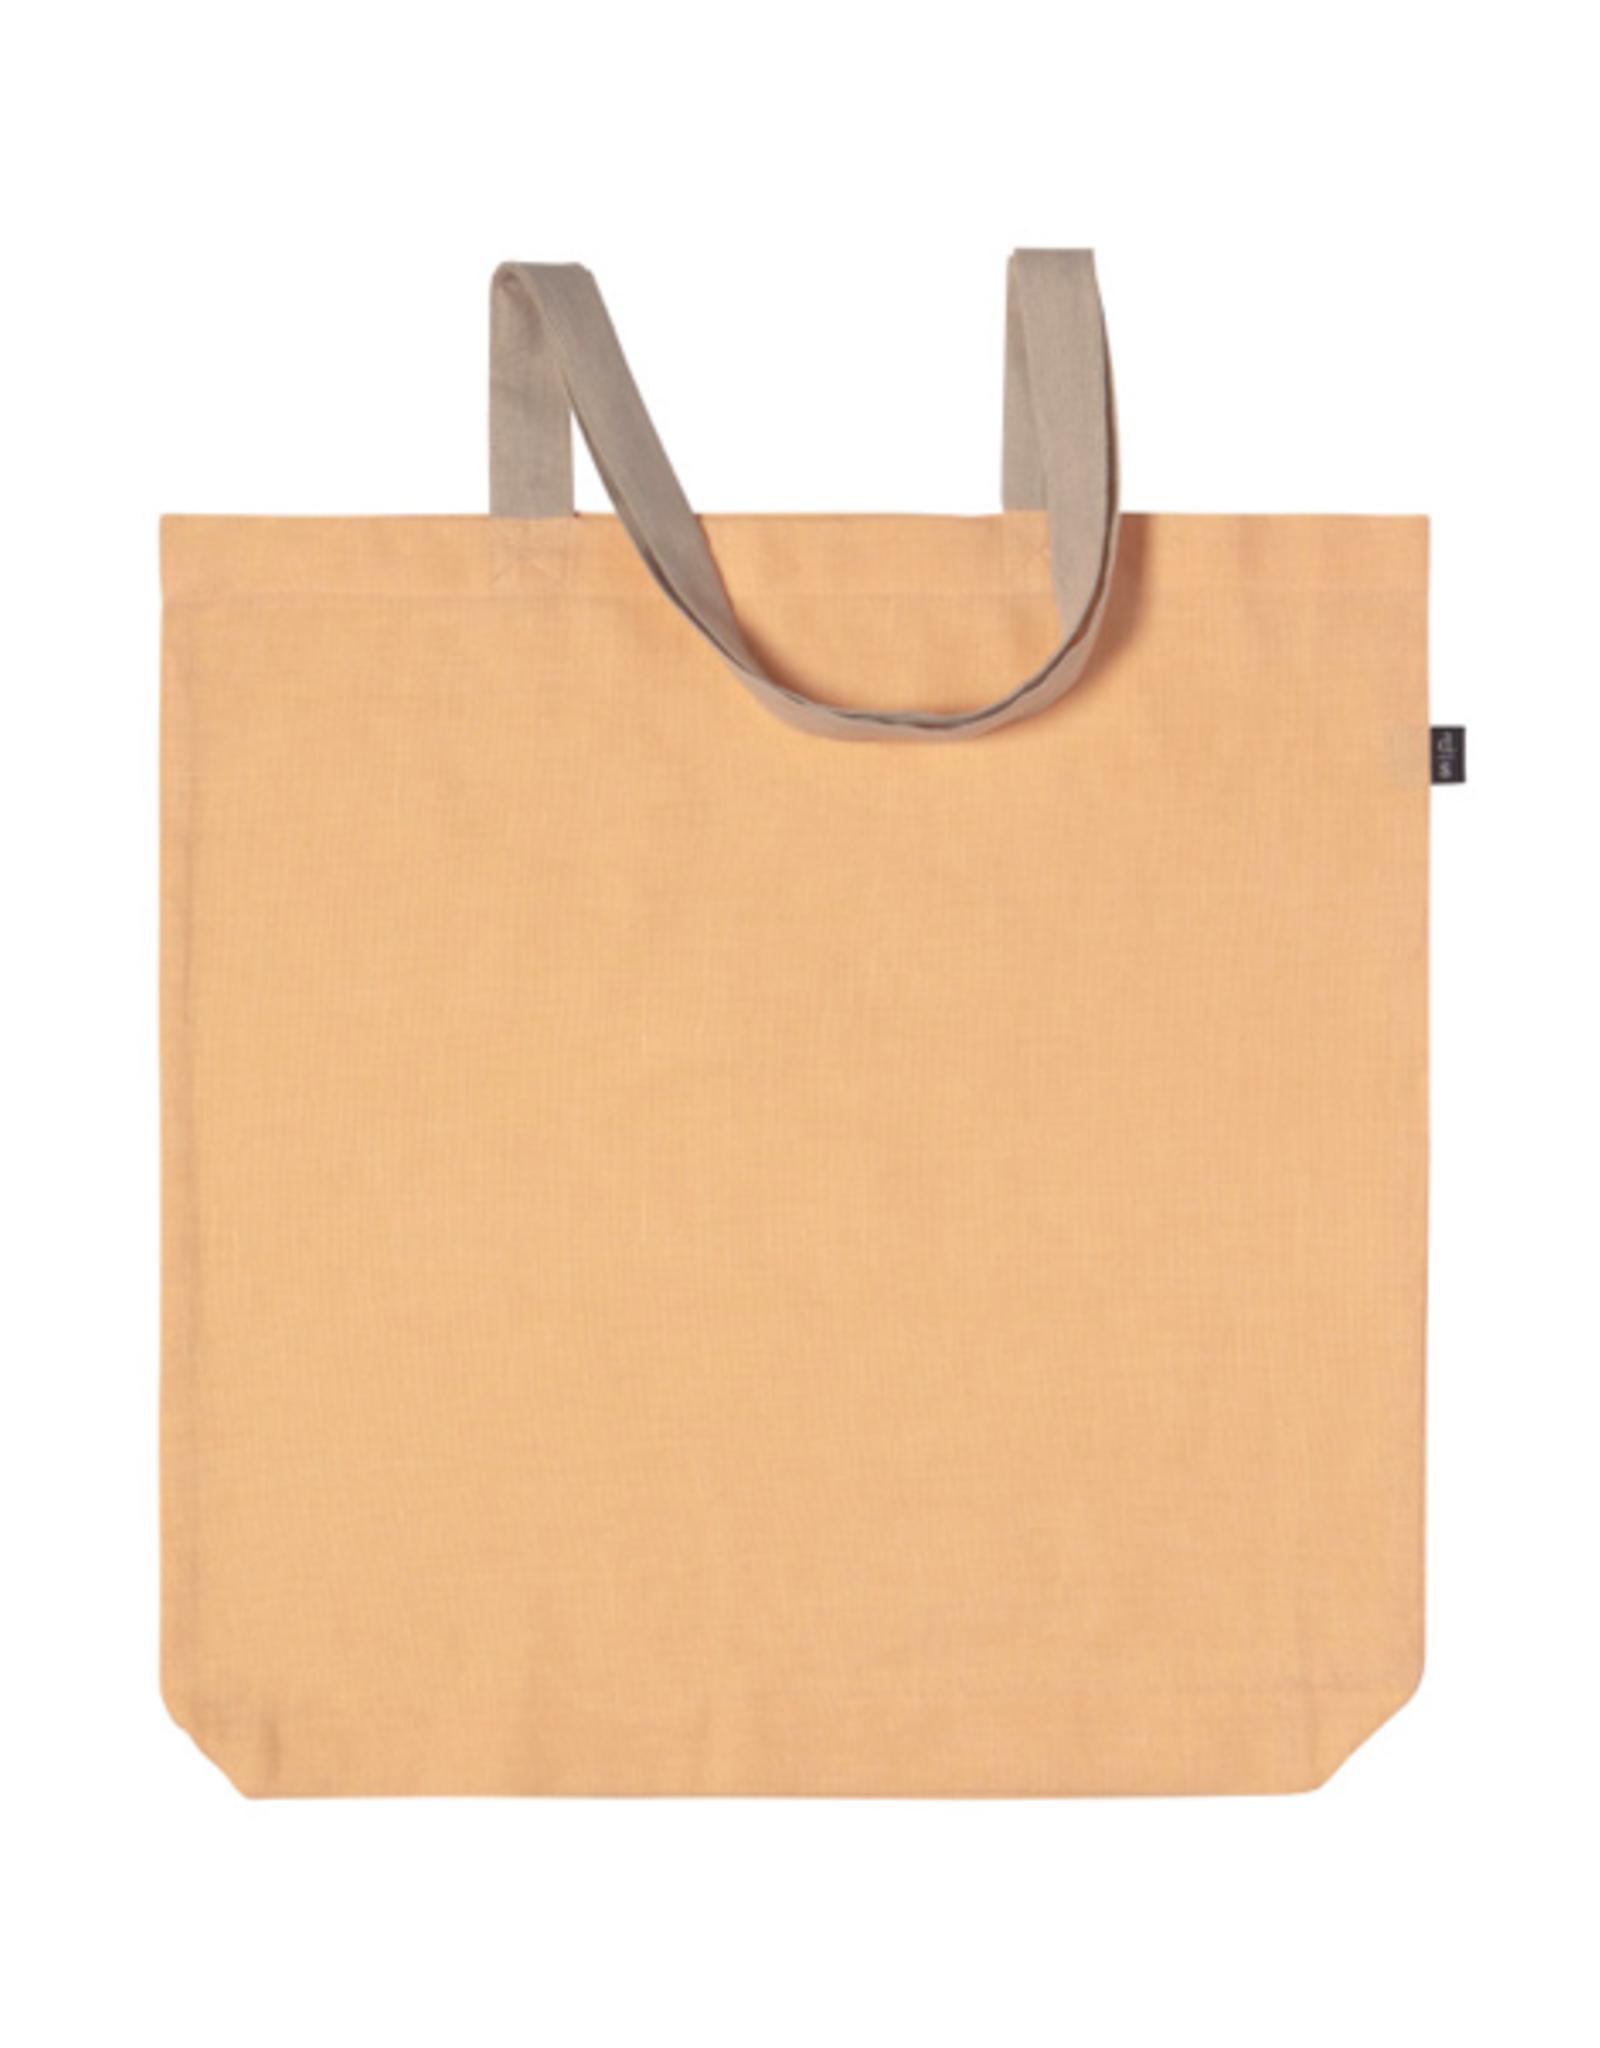 DCA - Tote bag / Linen Blend, Guava